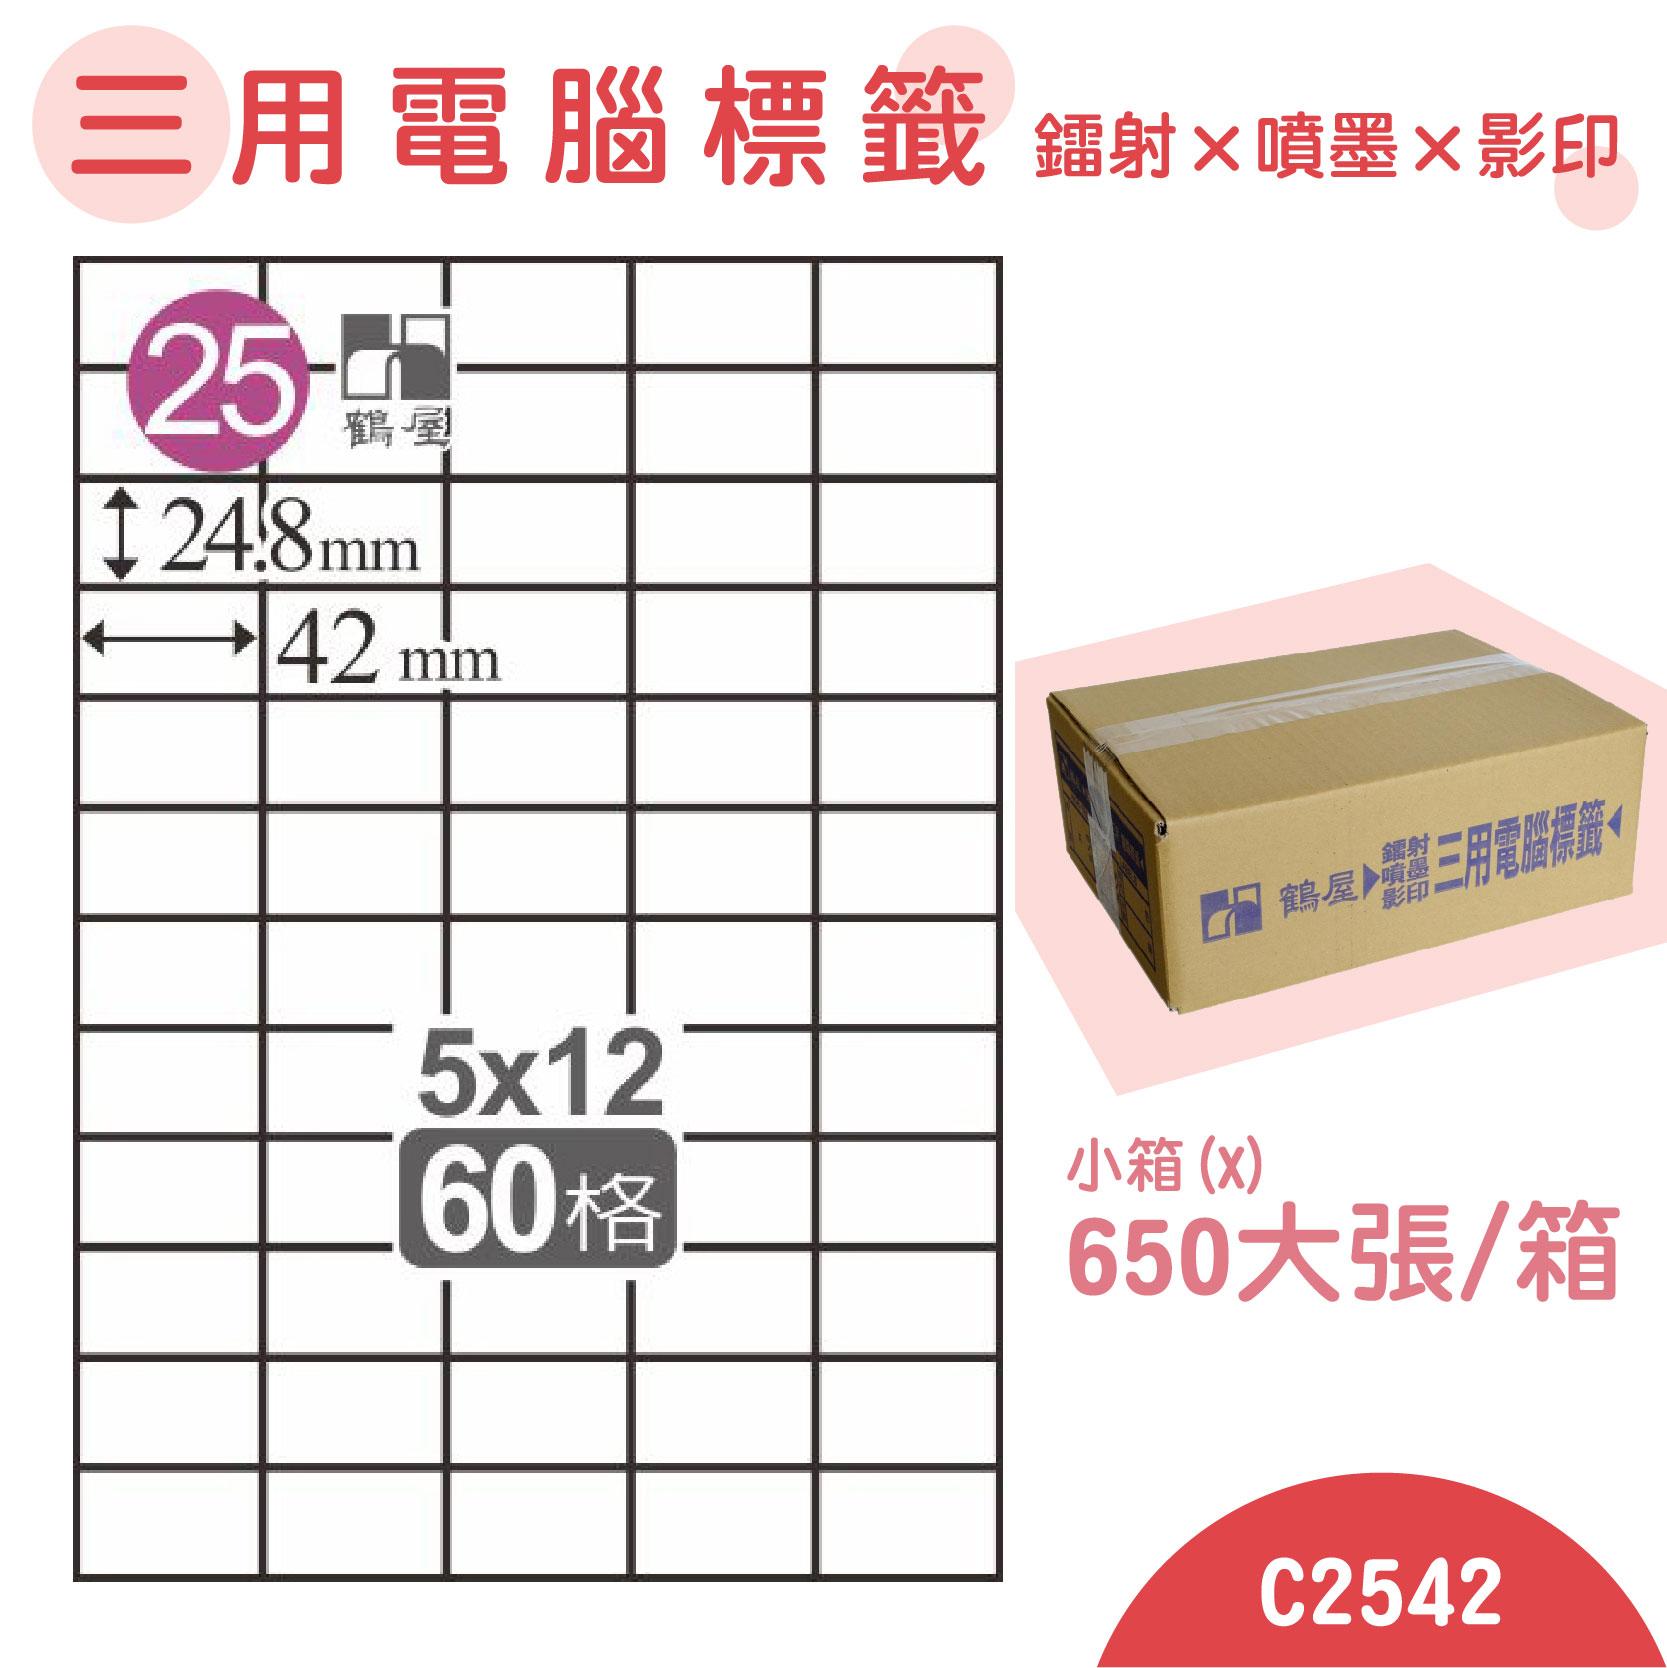 電腦標籤紙(鶴屋) 白色 C2542 60格 650大張/小箱 影印 雷射 噴墨 三用 標籤 貼紙 信封 光碟 名條